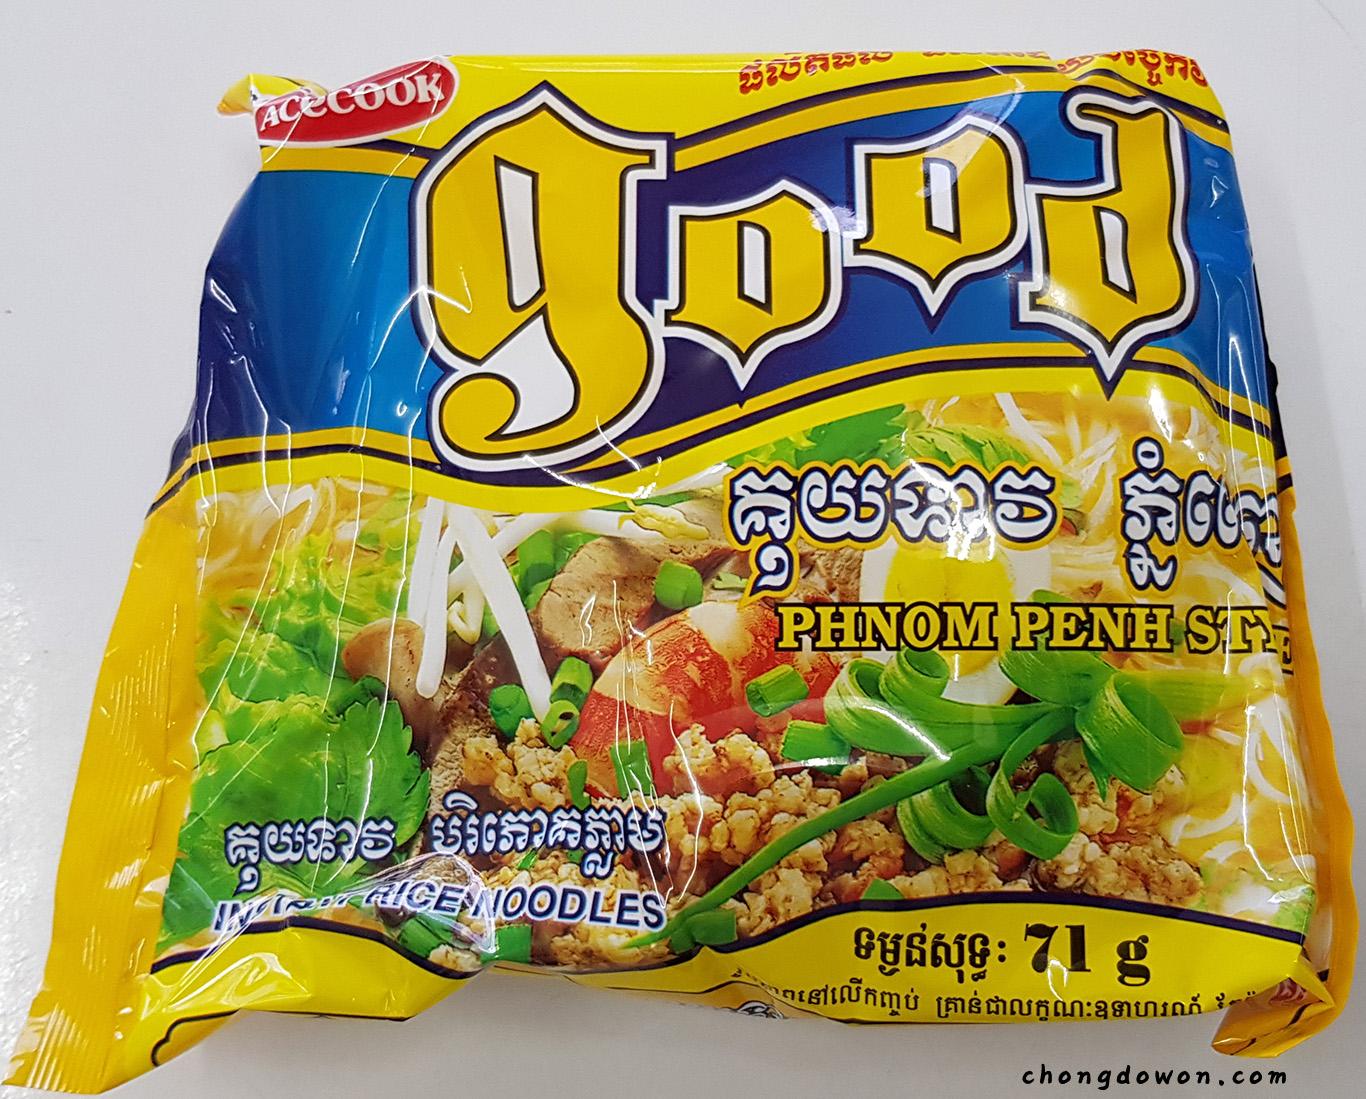 프놈펜 스타일 인스턴트 쌀국수, Instant rice no..